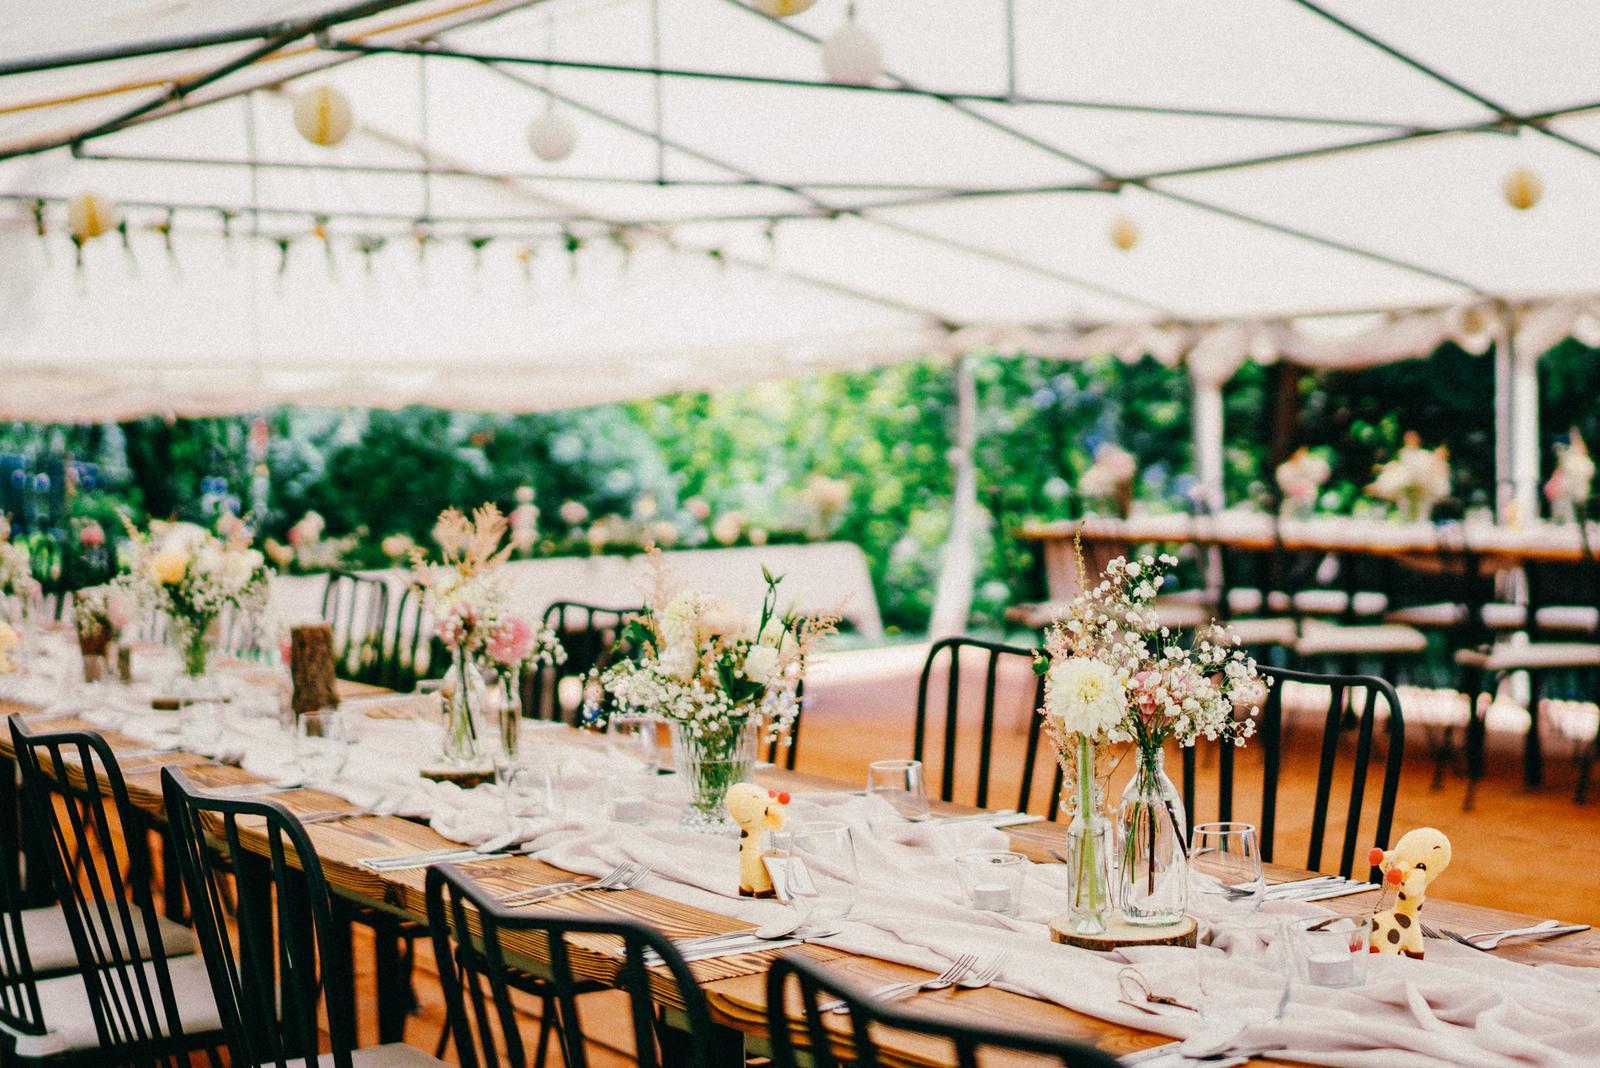 Záhradná svadba - inšpirácia - Obrázok č. 4